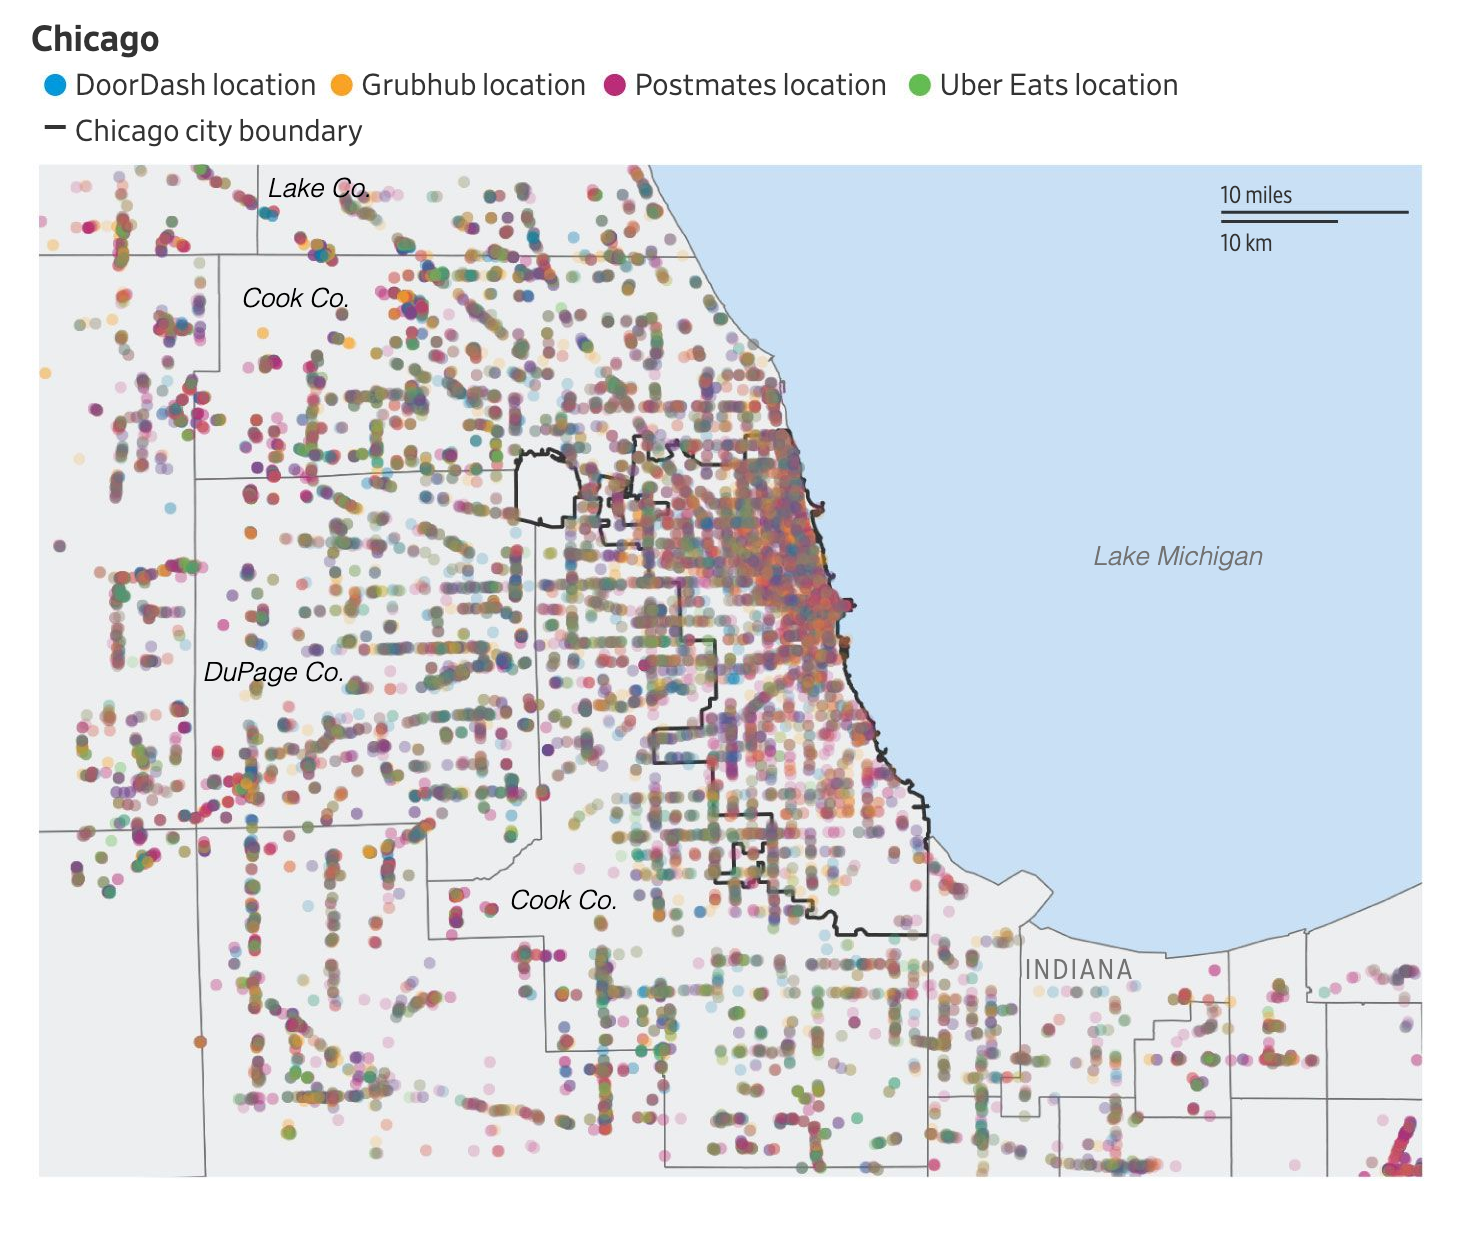 Точки разных сервисов доставки в крупных городах США. Источник: Wall Street Journal